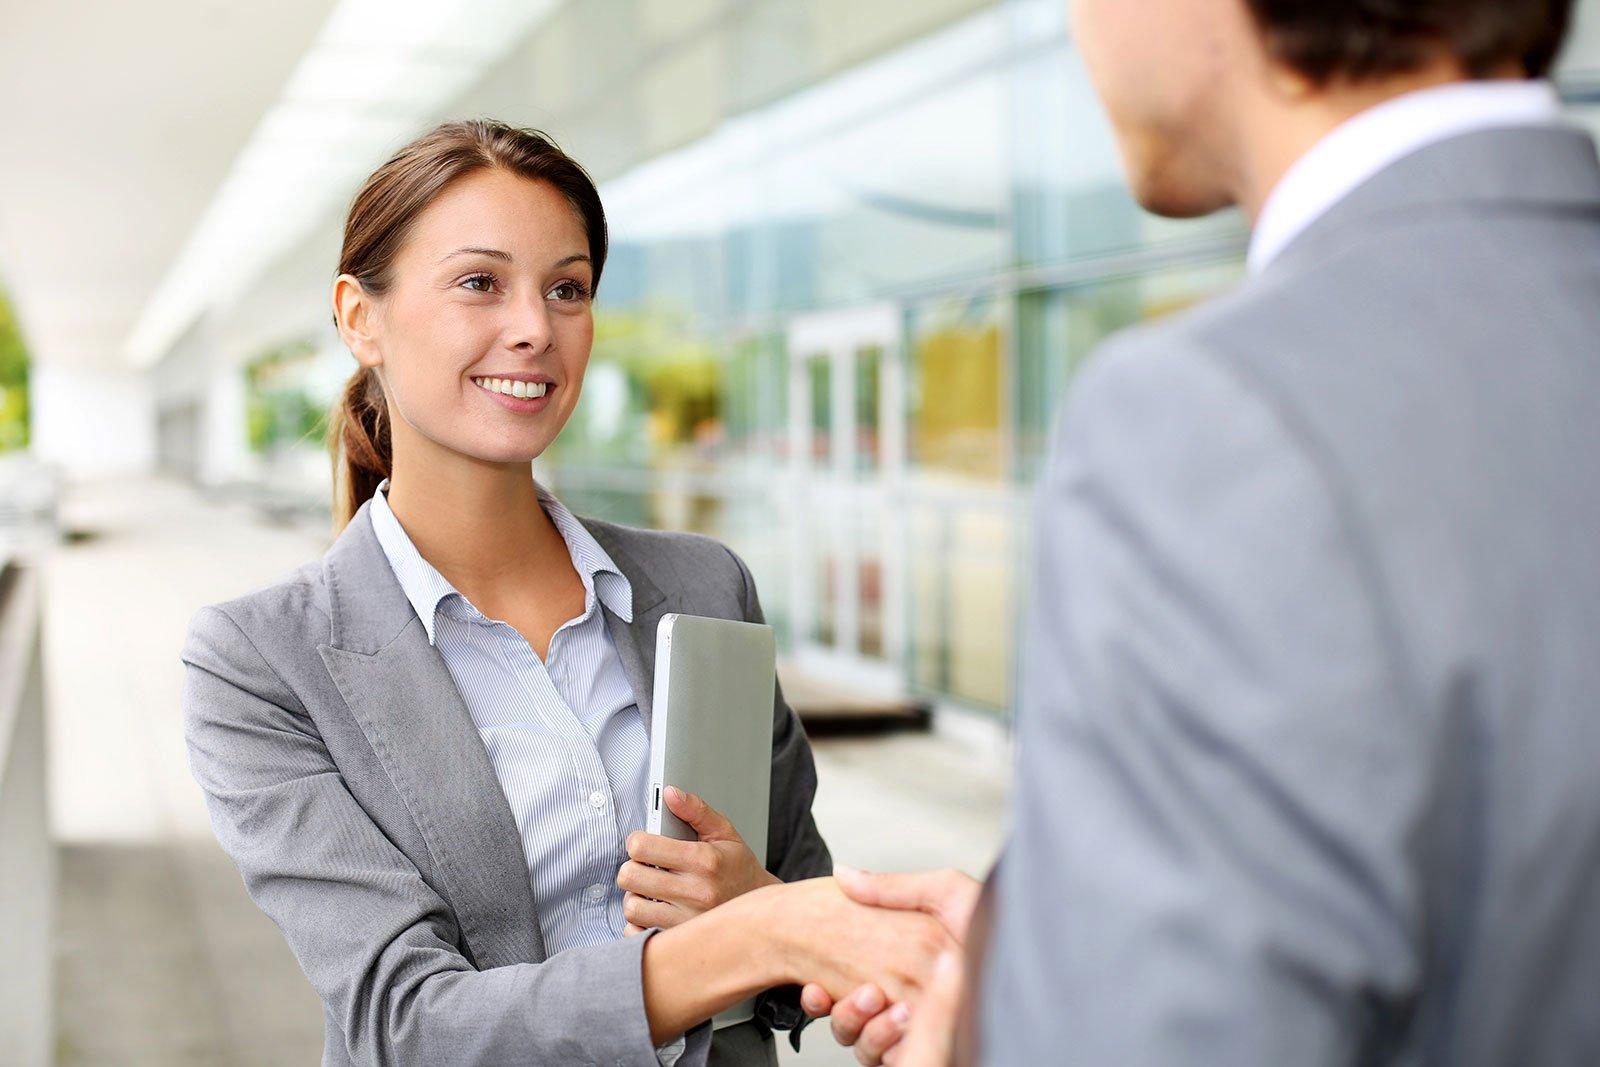 Donna sorridente stringendo la mano di un uomo